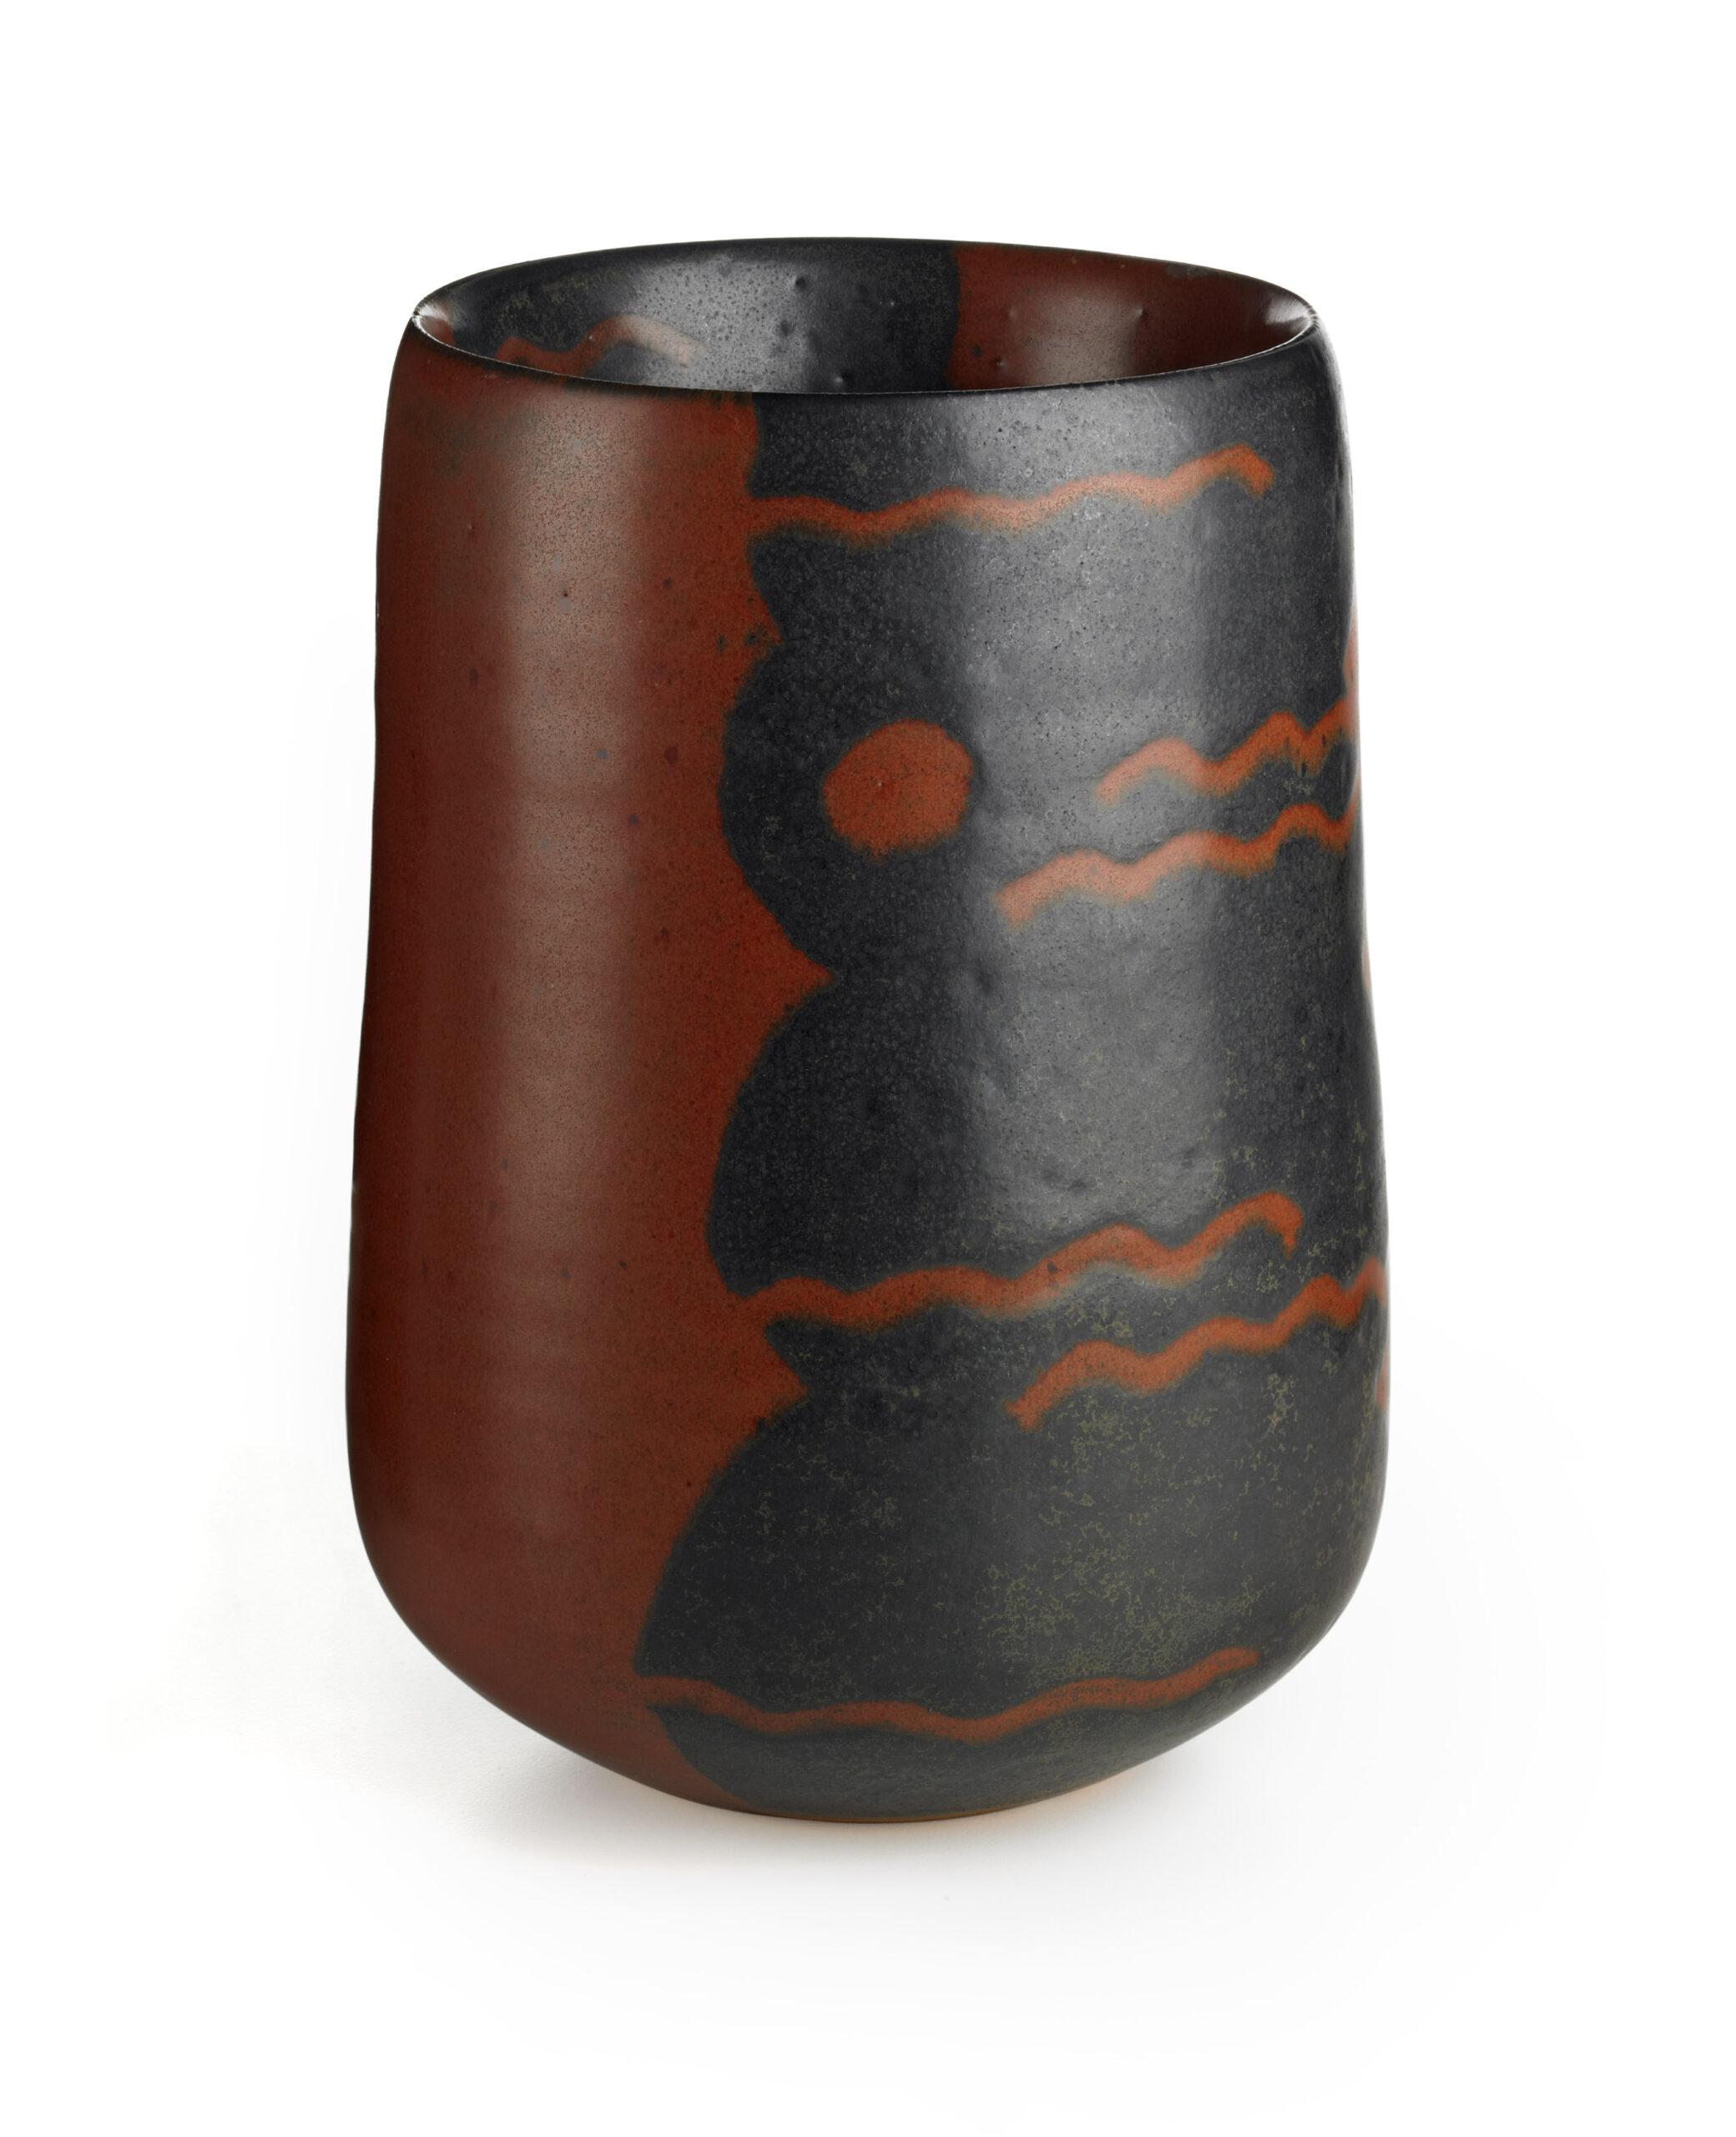 FLOWER VASE by MORINO Taimei (b.1934)   Heisei period, c.2000 Stoneware with resist glaze motifs